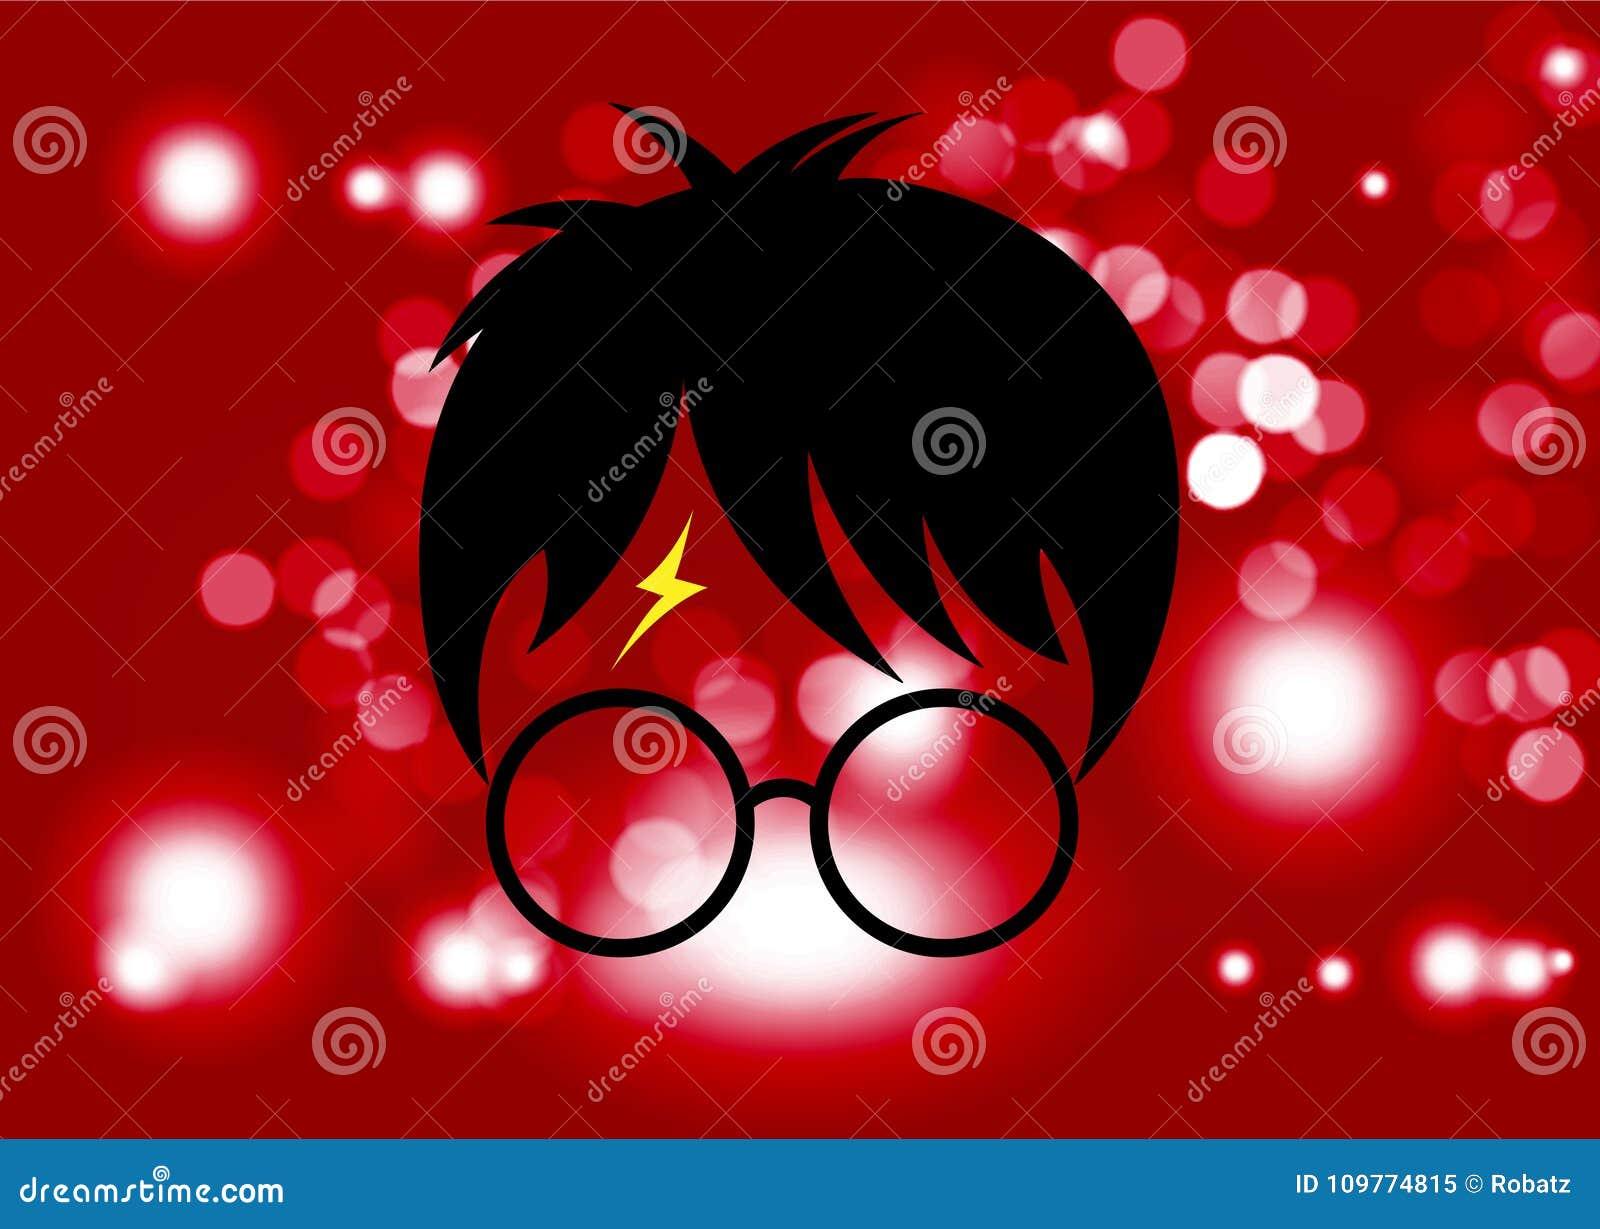 icone dos desenhos animados de harry potter vetor minimo do estilo imagem editorial ilustracao de harry potter 109774815 icone dos desenhos animados de harry